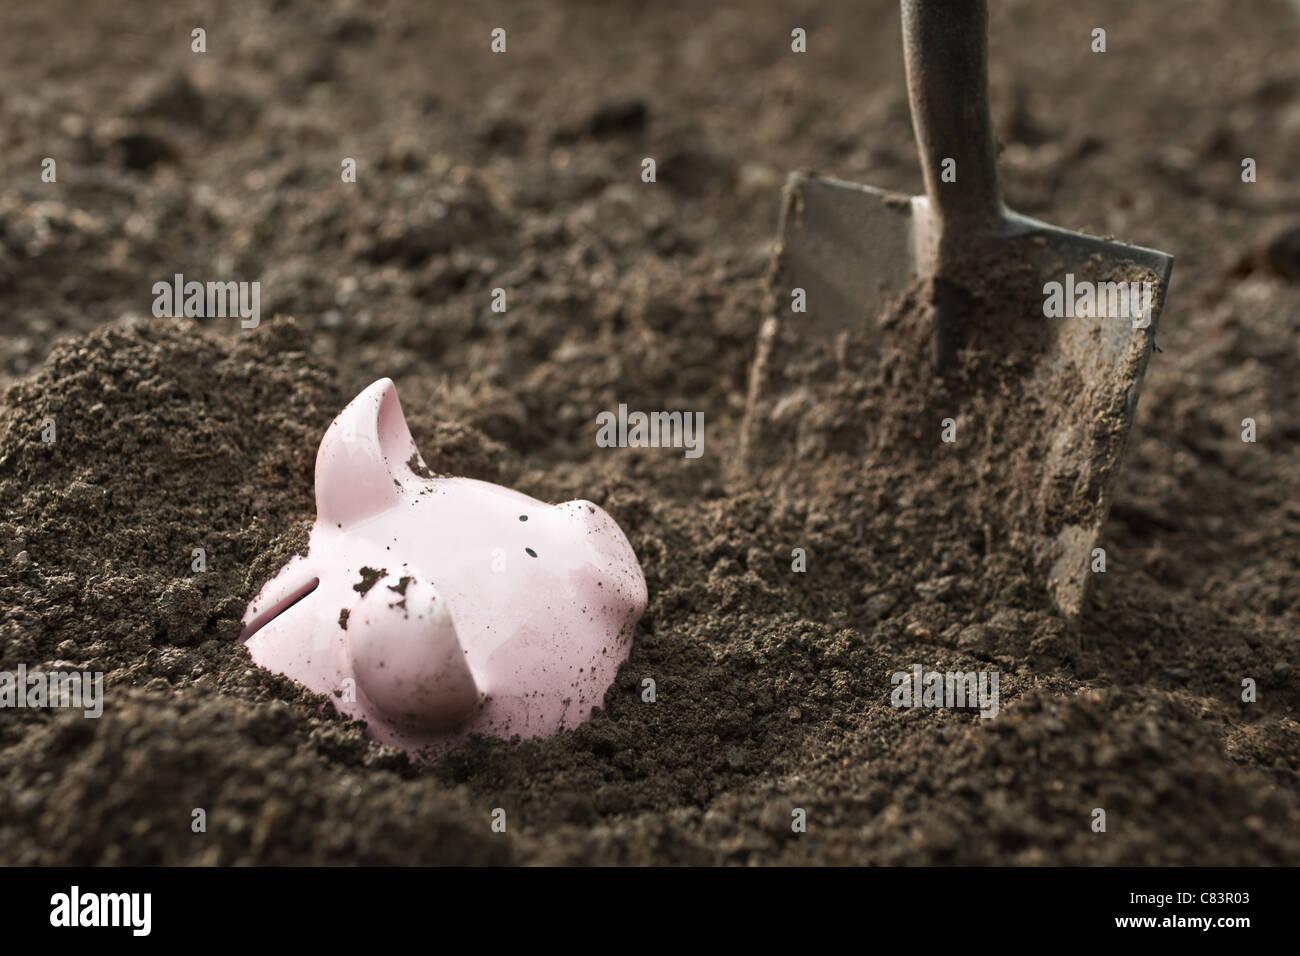 Schaufel ausgraben Sparschwein Stockbild